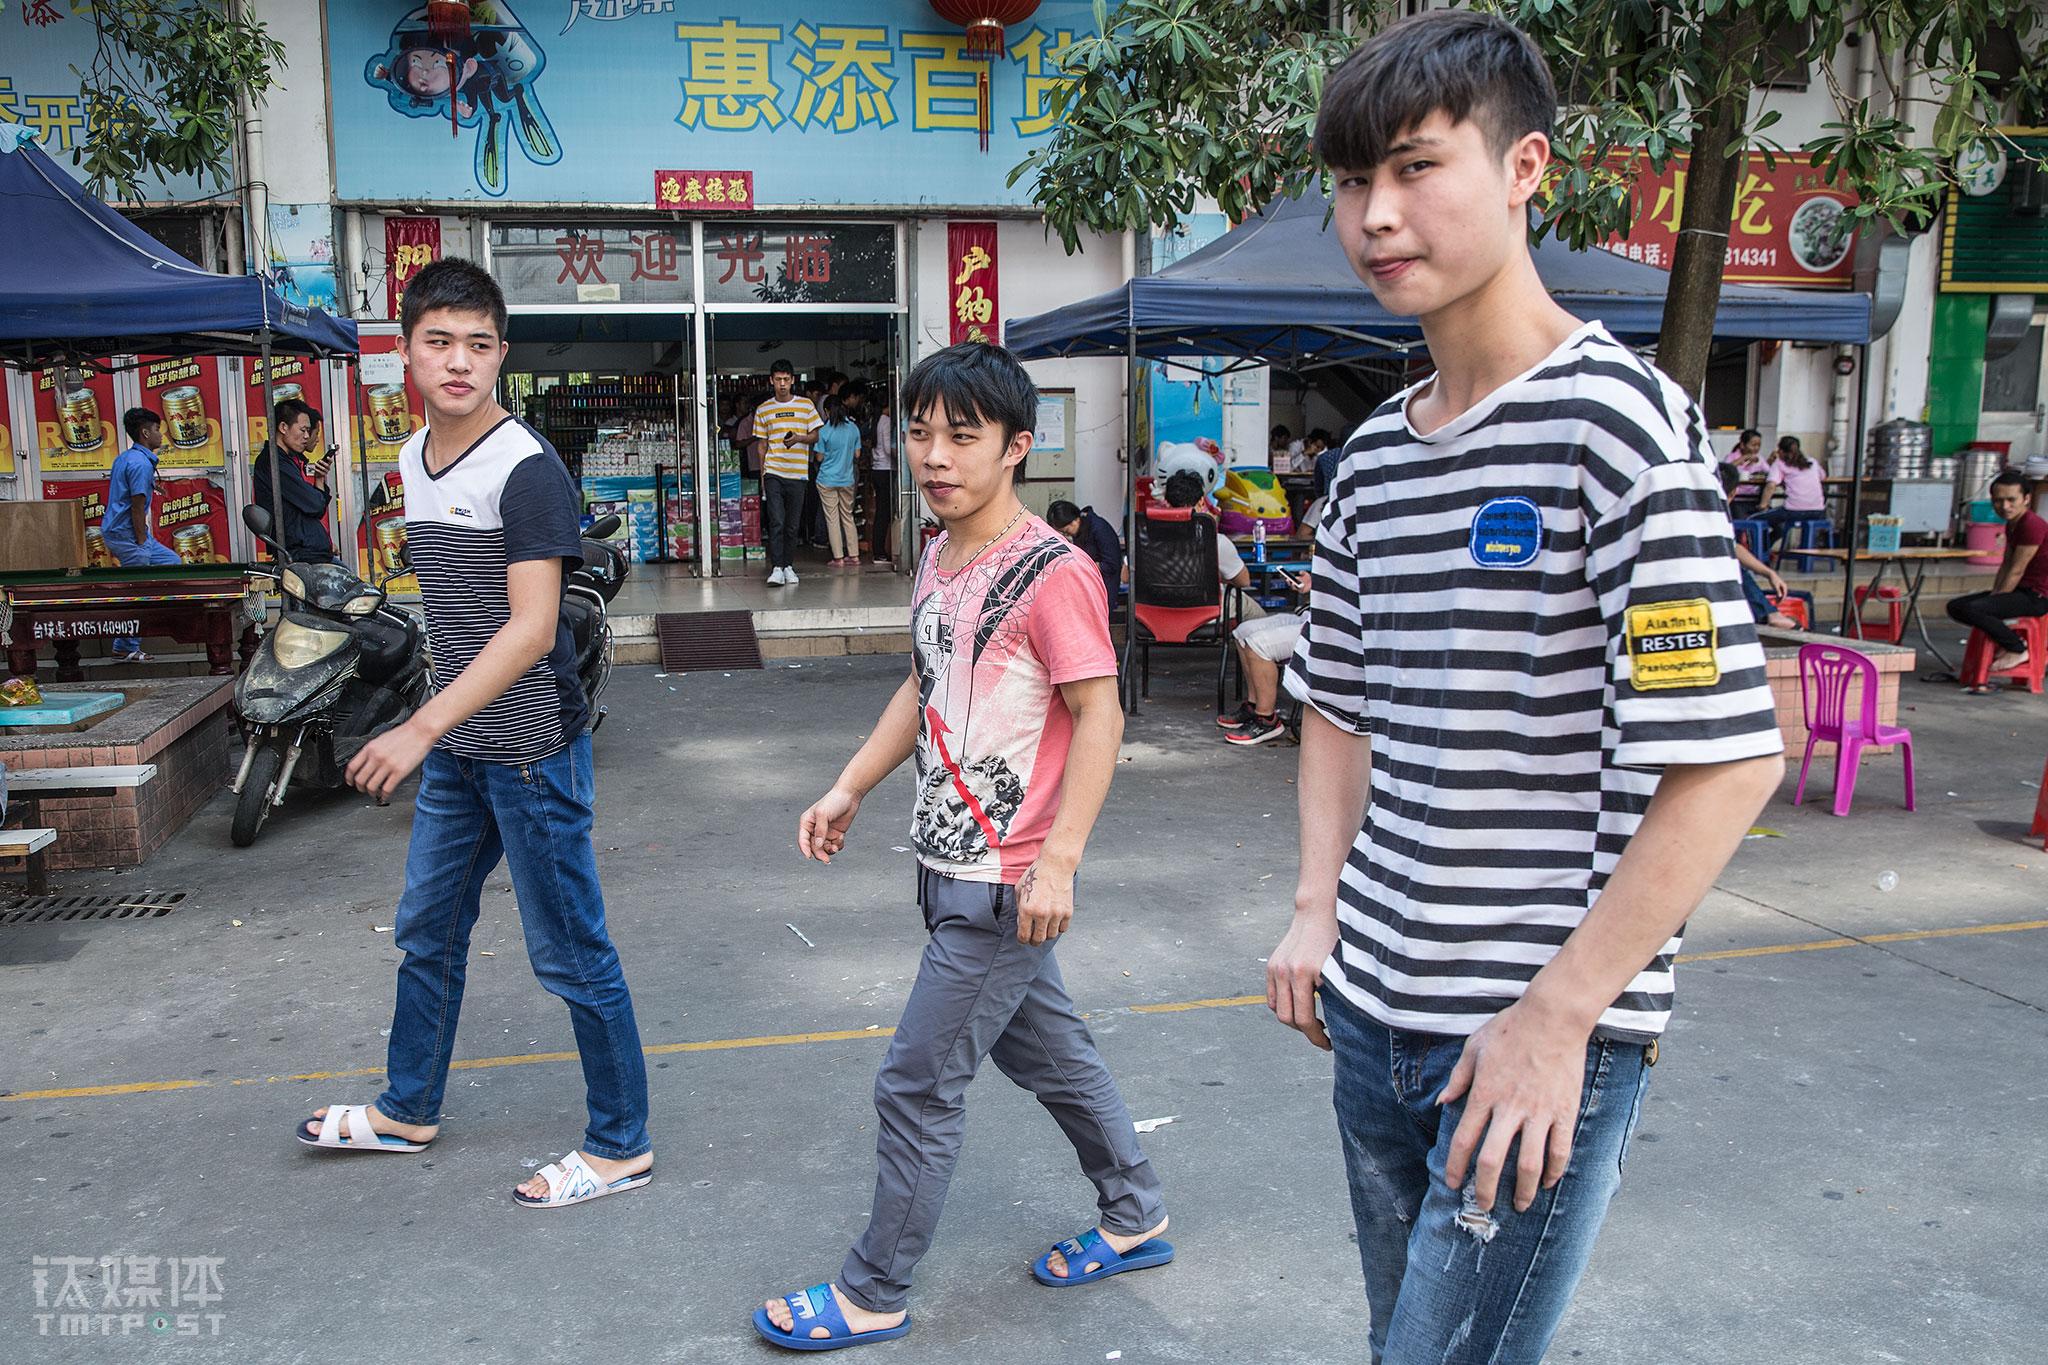 """张文根、陈泽鑫、钟鑫三人走在工业园区。不管是""""盖媳妇儿""""还是创业搞养殖,他们各有各的目标。工厂的订单排到了年末,接下来他们会""""一直很忙"""",这是他们留下来继续工作的最大动力。"""